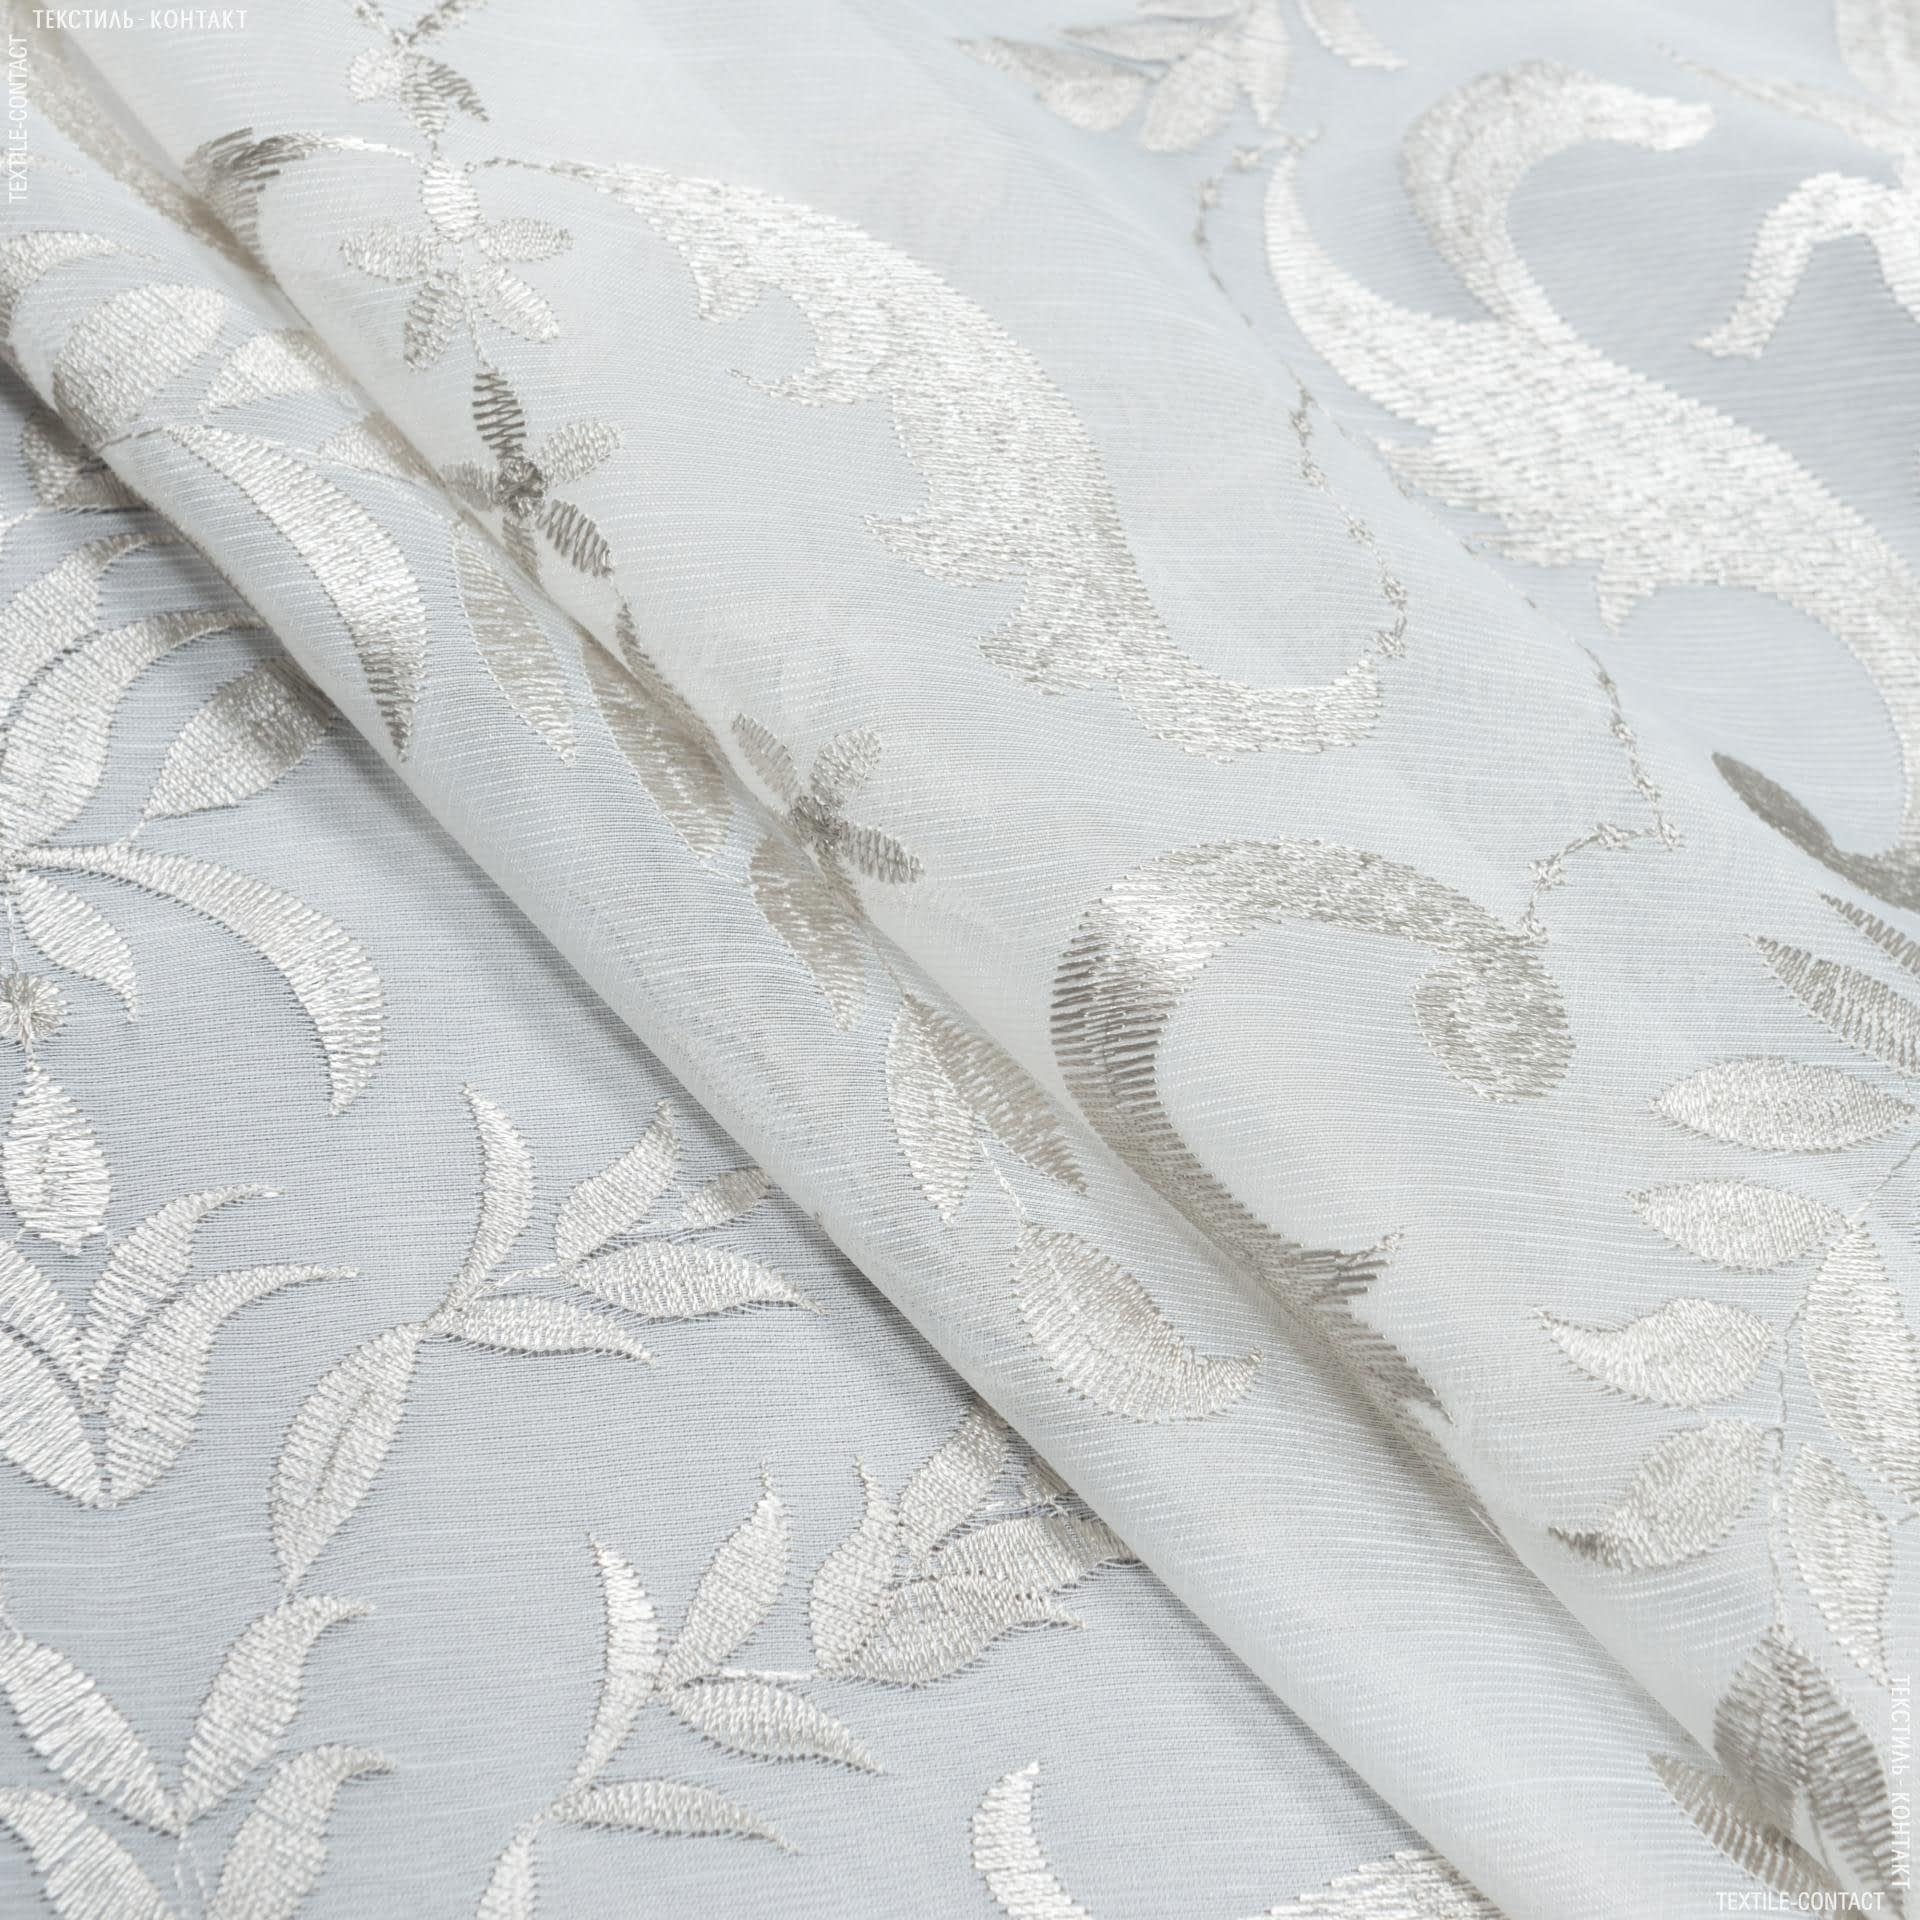 Тканини для тюлі - Тюль з обважнювачем мірала молочний купон / вишивка сірий